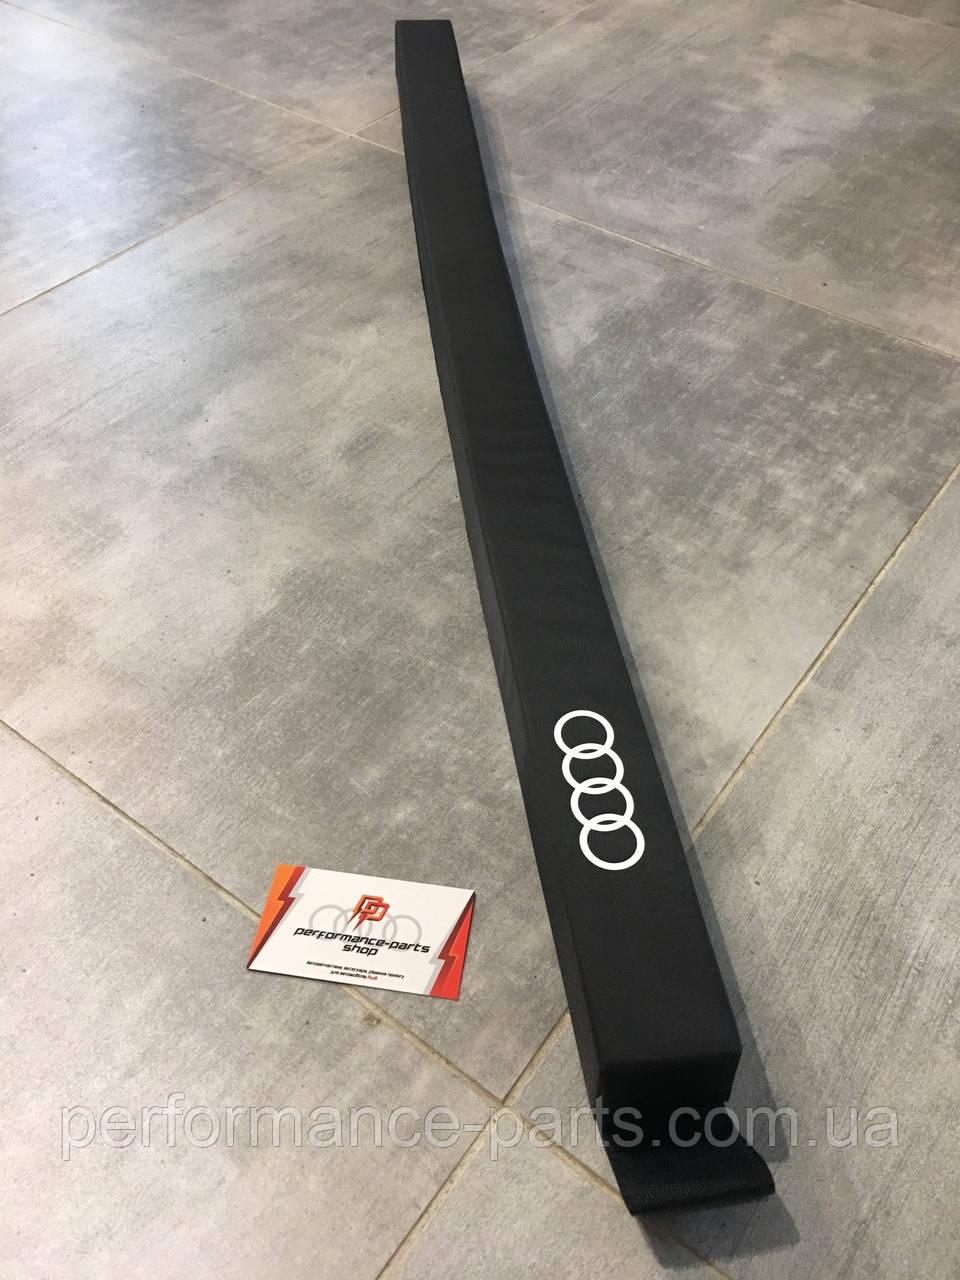 Разделитель гибкий универсальный AUDI, 8U0017238. Оригинал. Черного цвета.